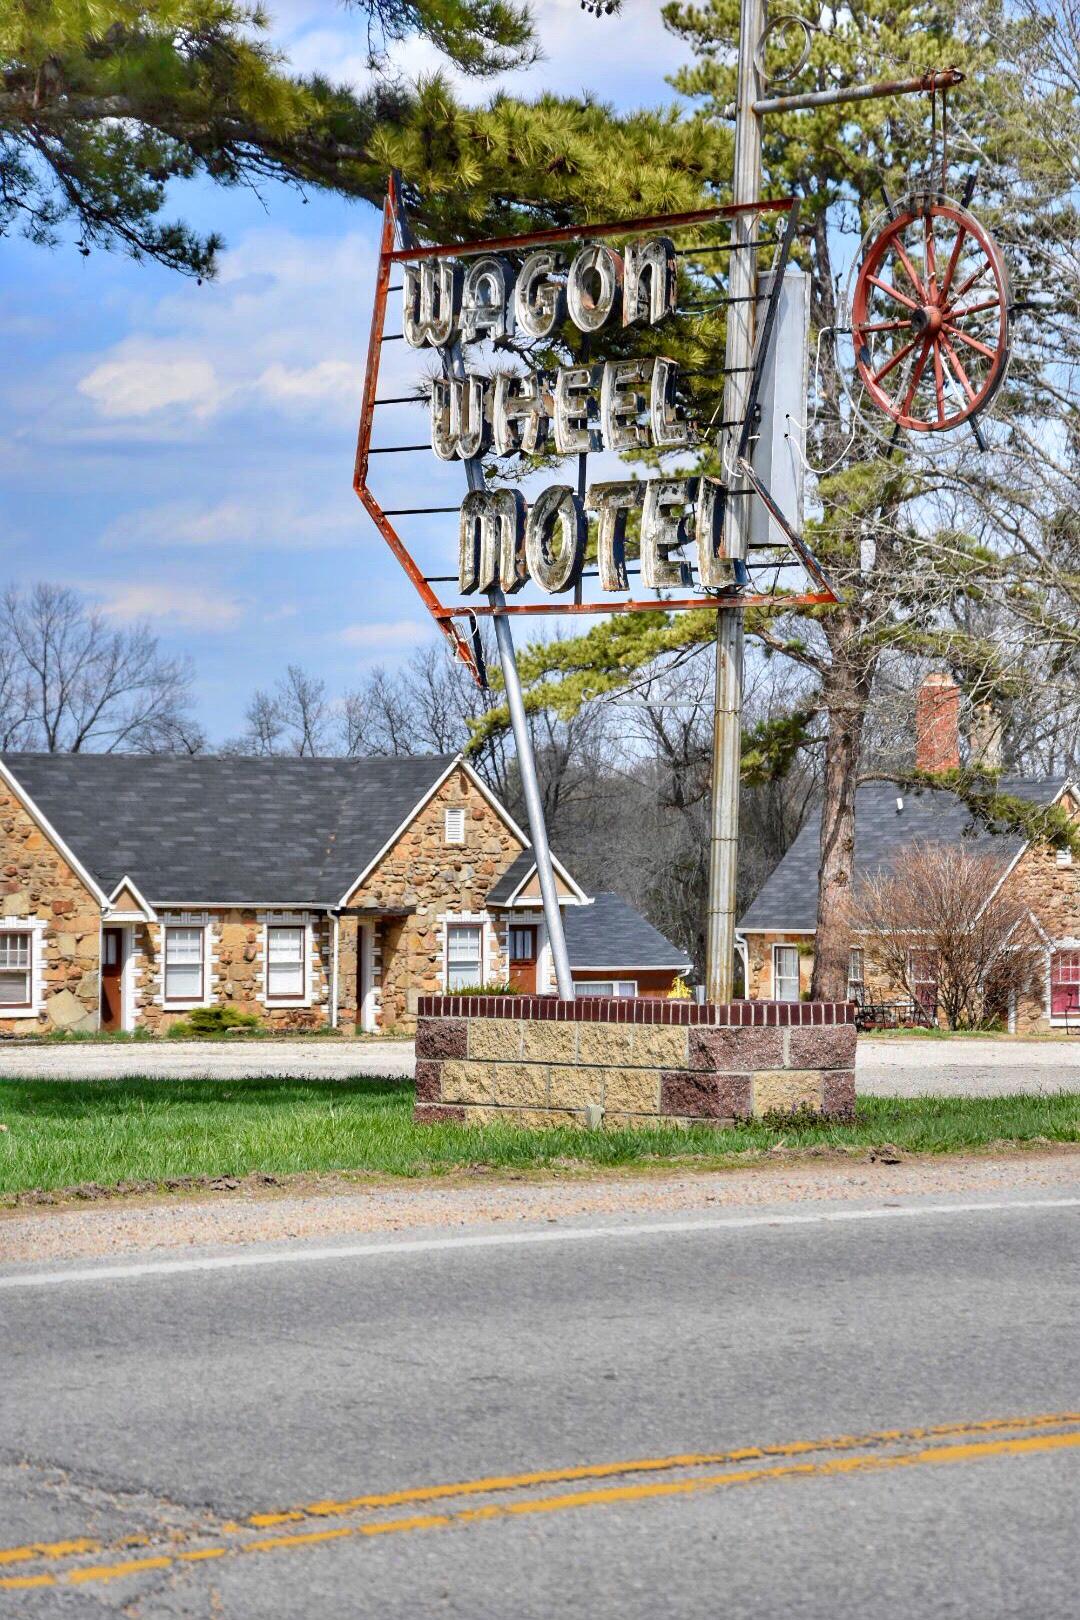 Wagon Wheel Motel Cuba Missouri / Oh Fiddle Dee Dee